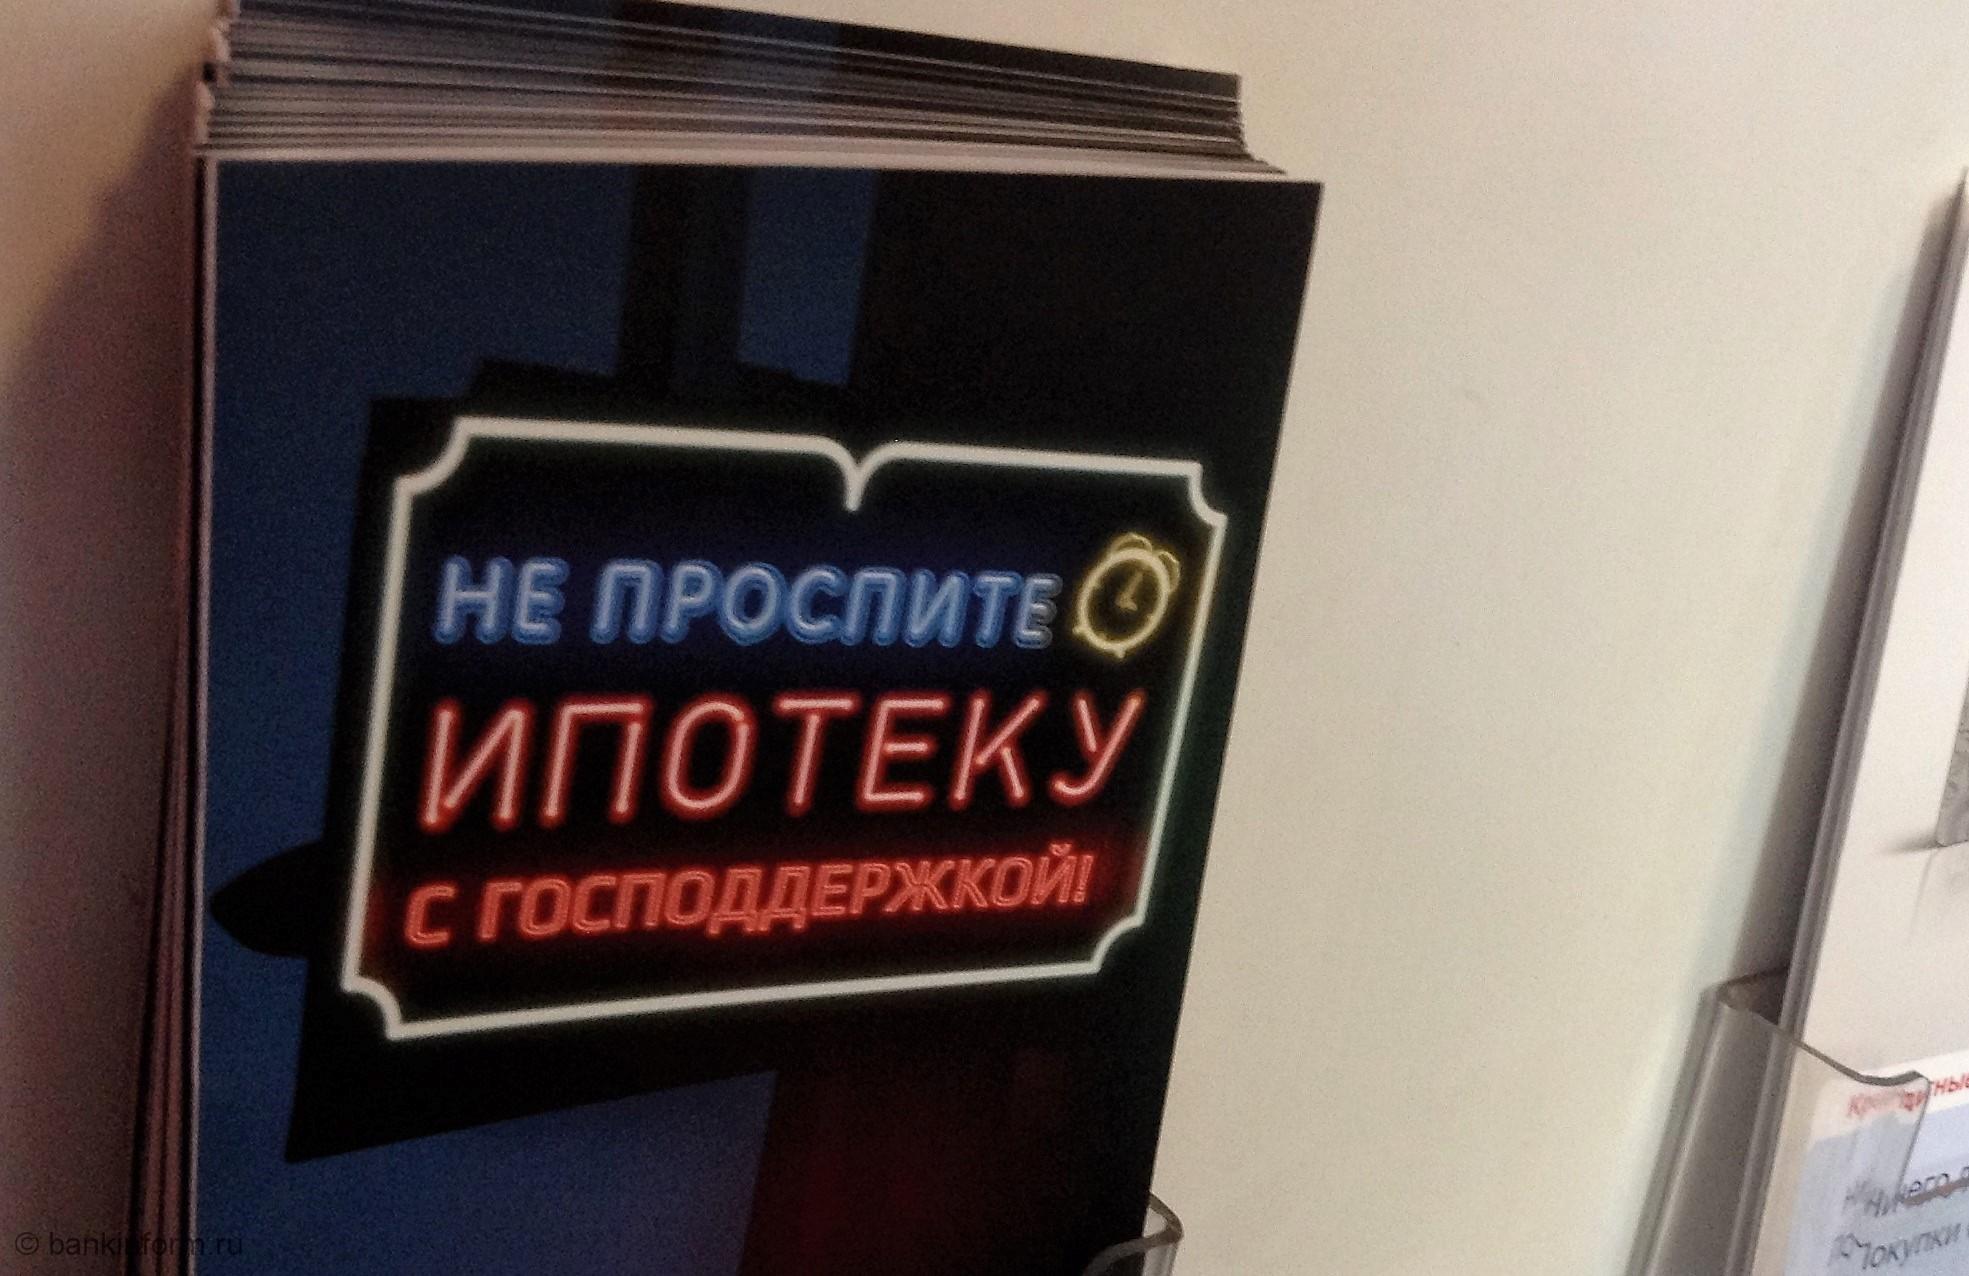 23 банка, работающих в Екатеринбурге, будут выдавать ипотеку под 6%